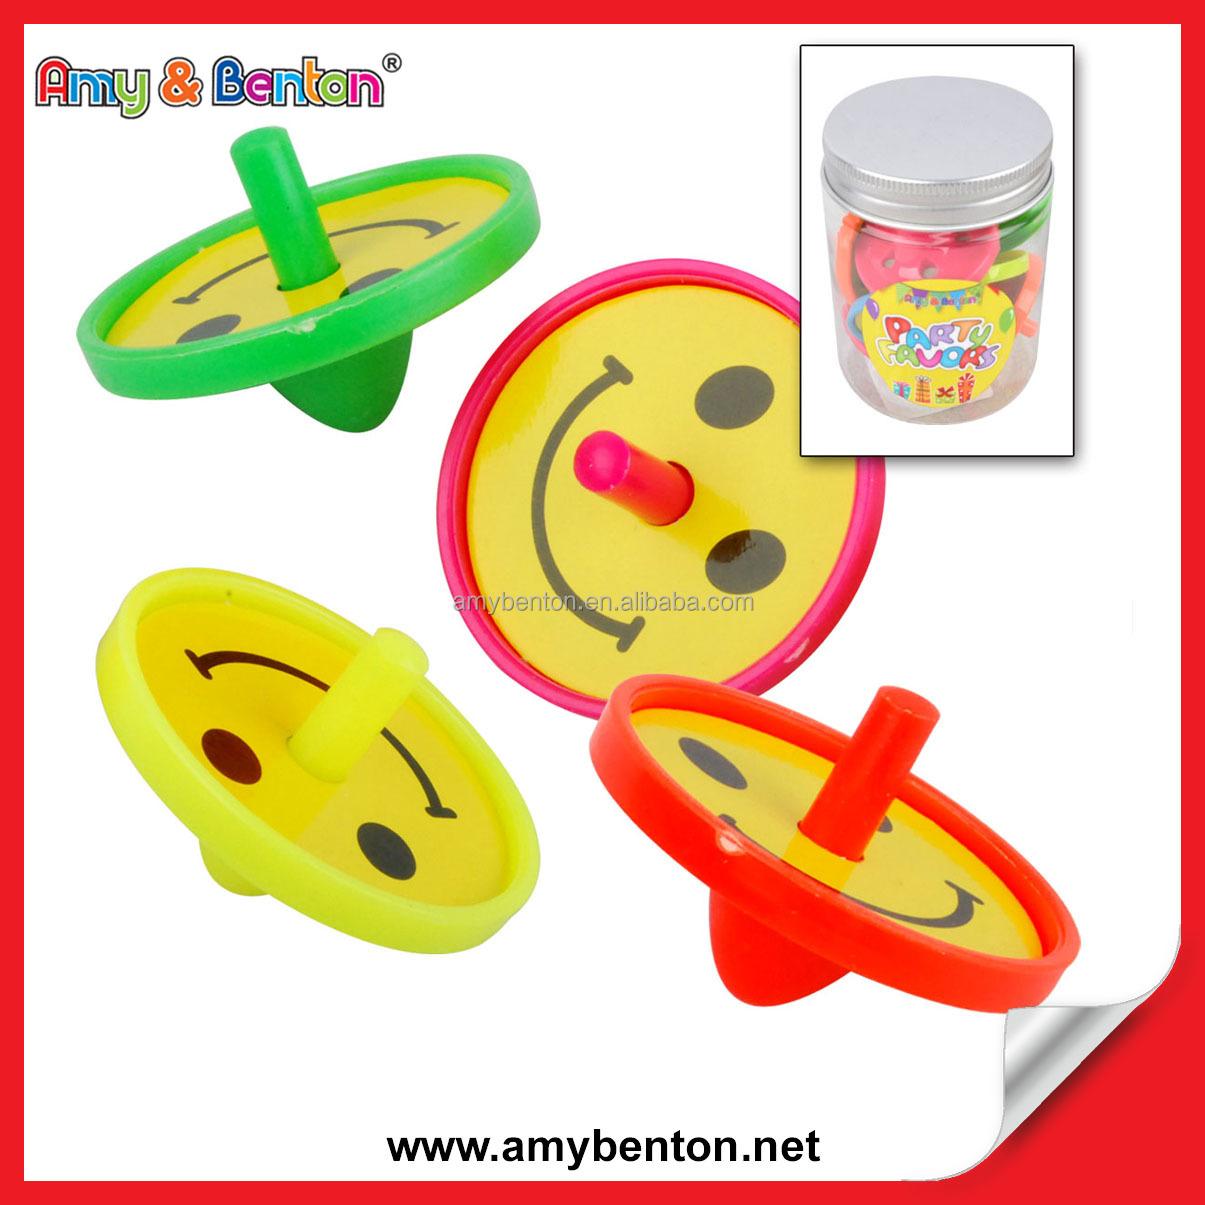 Econ mico remolino de juguete de pl stico de juguete para for Juguetes de plastico